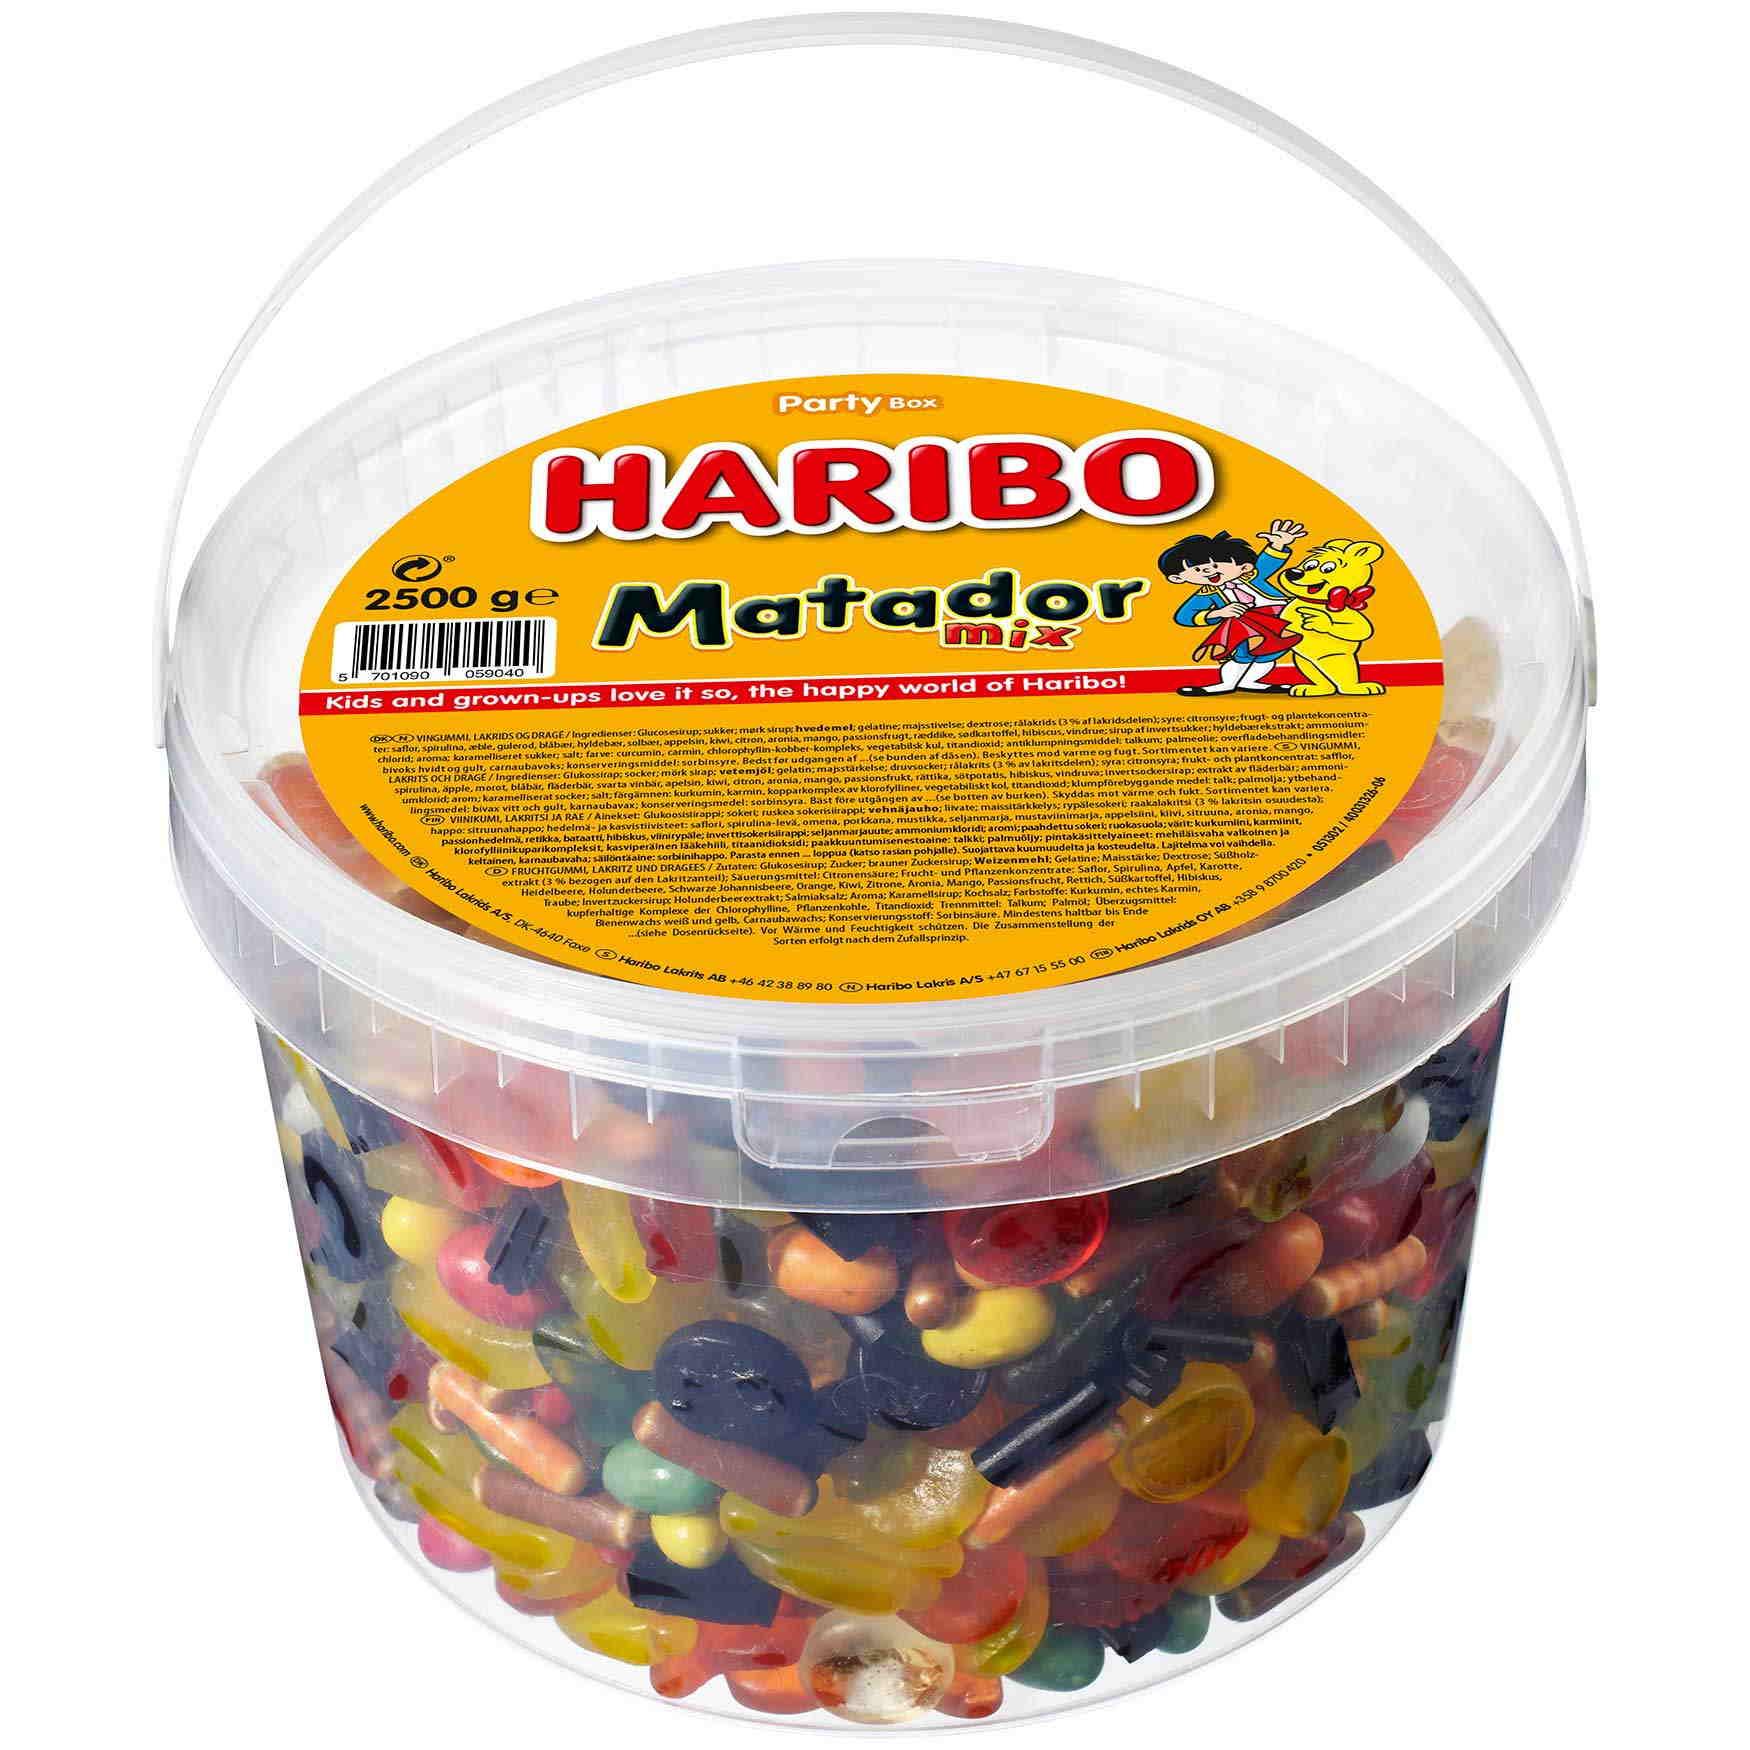 Vellidte Haribo Matador Mix 2,5 - Grænsehandel til billige priser II-08